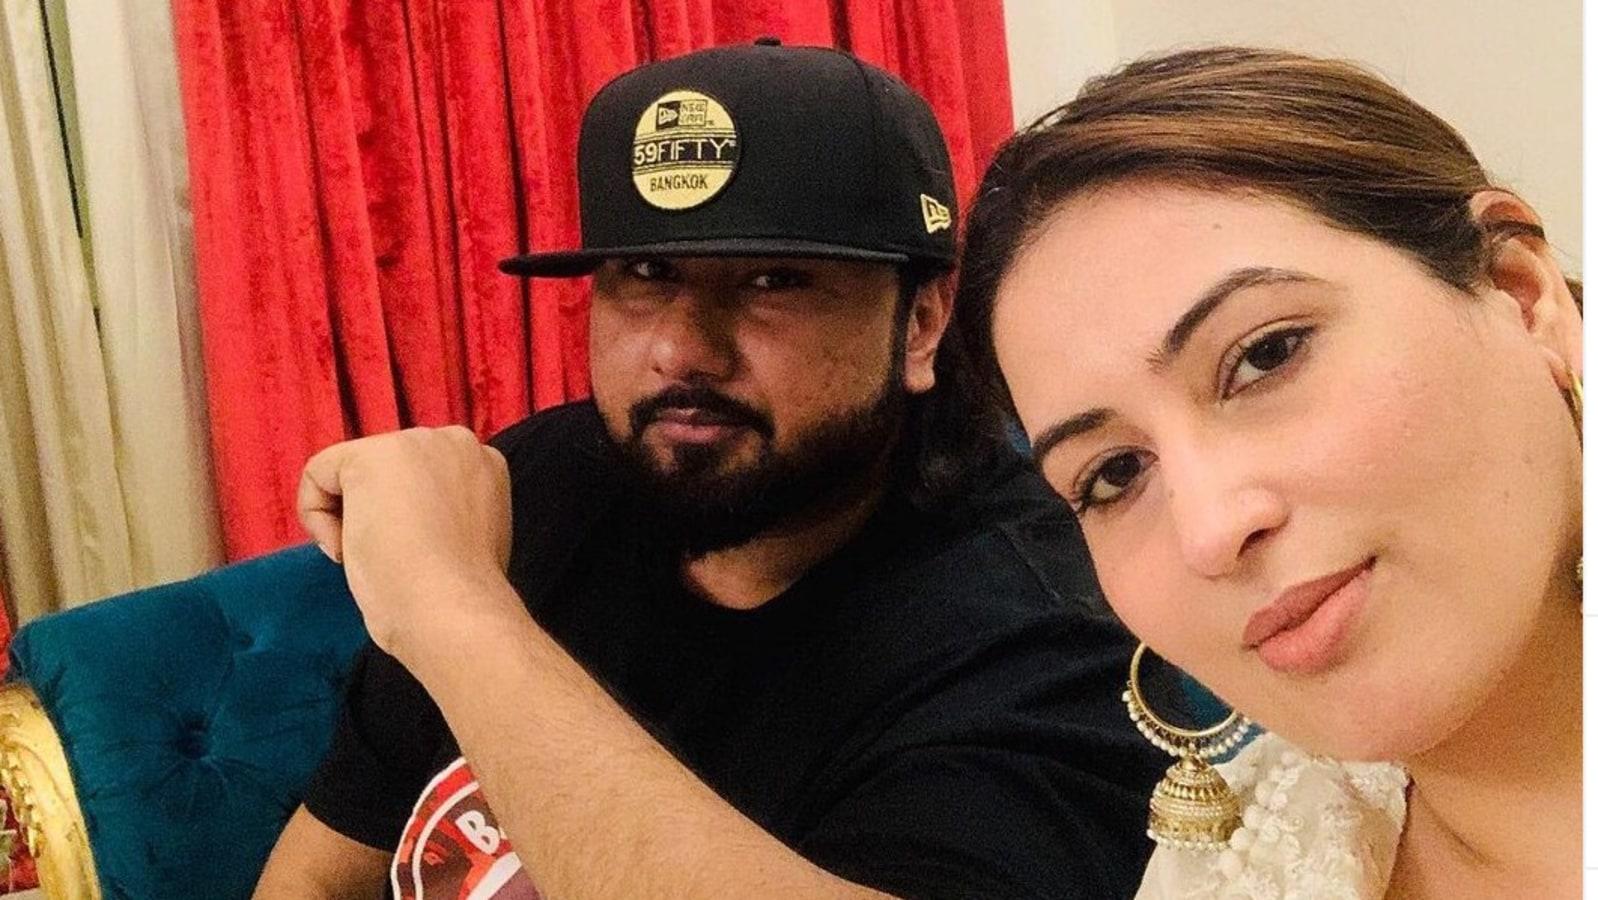 The DV Case Against YoYo Honey Singh: What Lies Ahead?